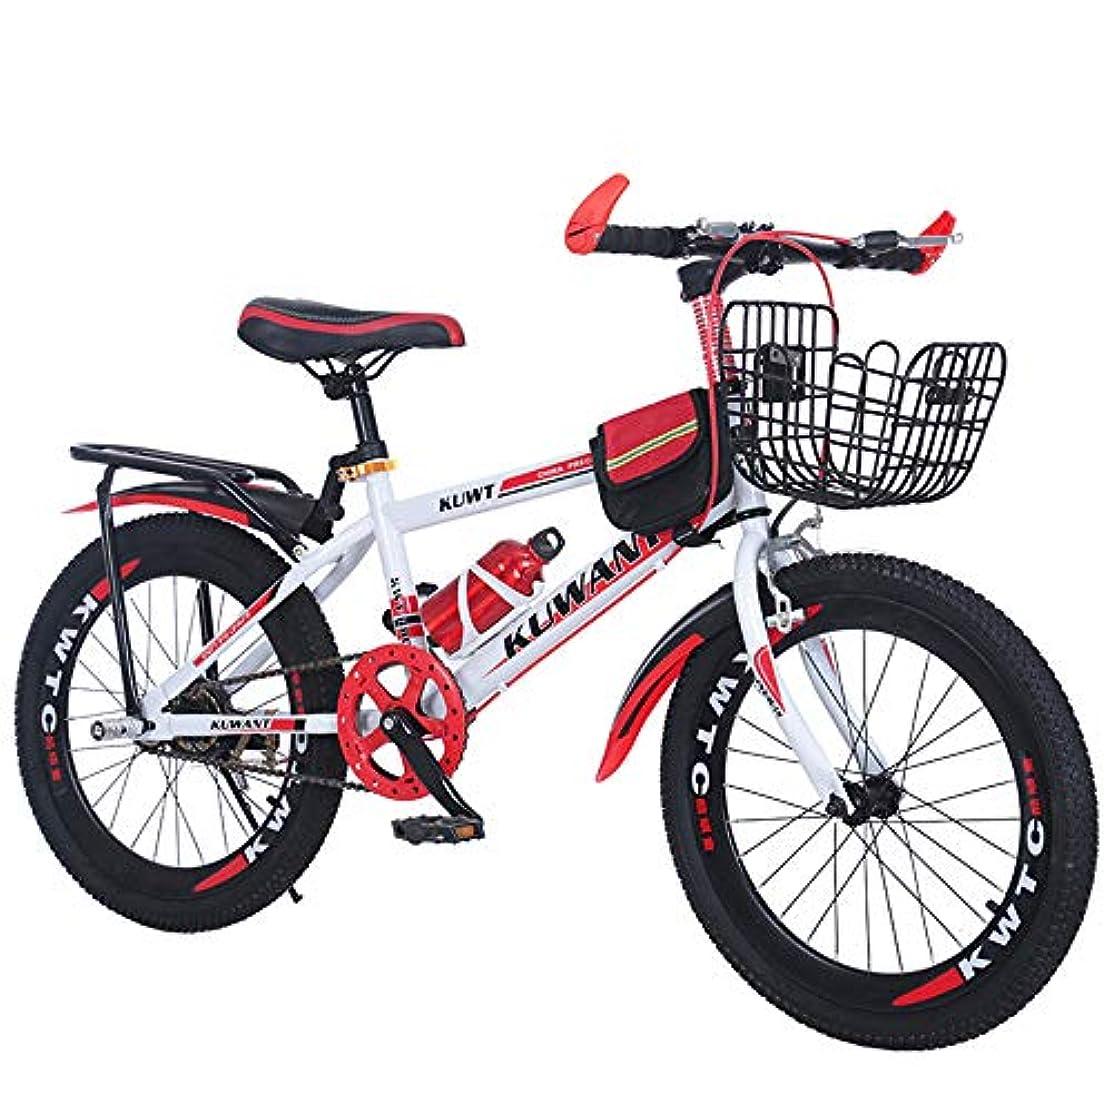 直感から聞くレキシコン子供のマウンテンバイクシングルスピードバイク男の子と女の子の自転車18/20/22/24インチキッズマウンテンバイク